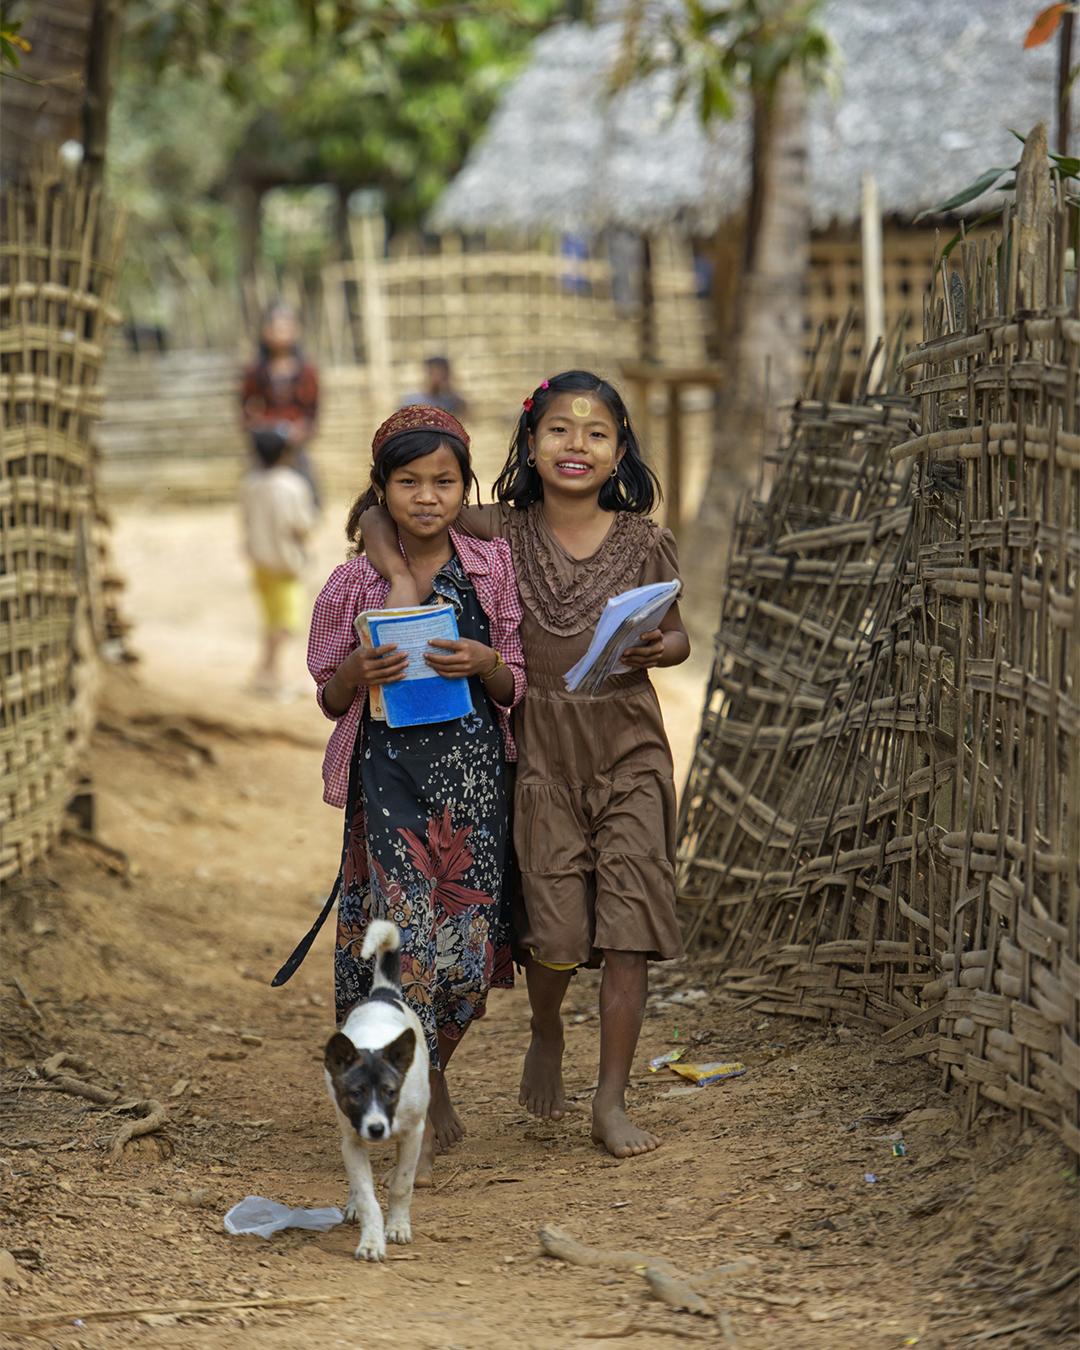 3.People of Chin State, Myanmar 090216 6.jpg